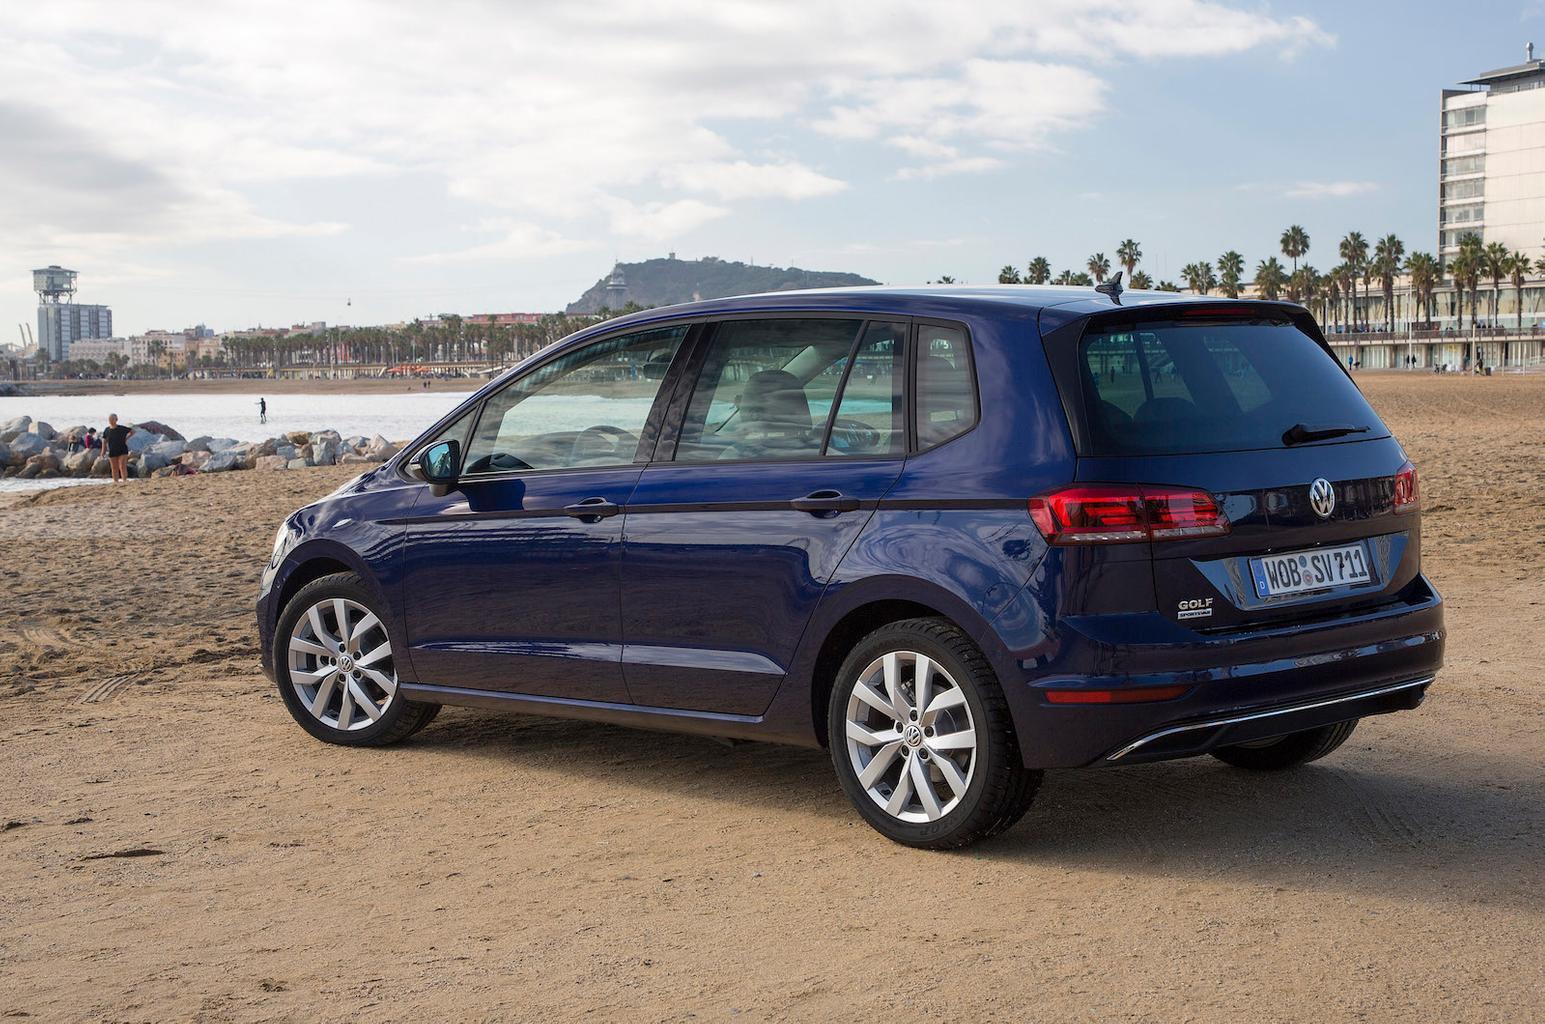 2017 Volkswagen Golf SV review - verdict